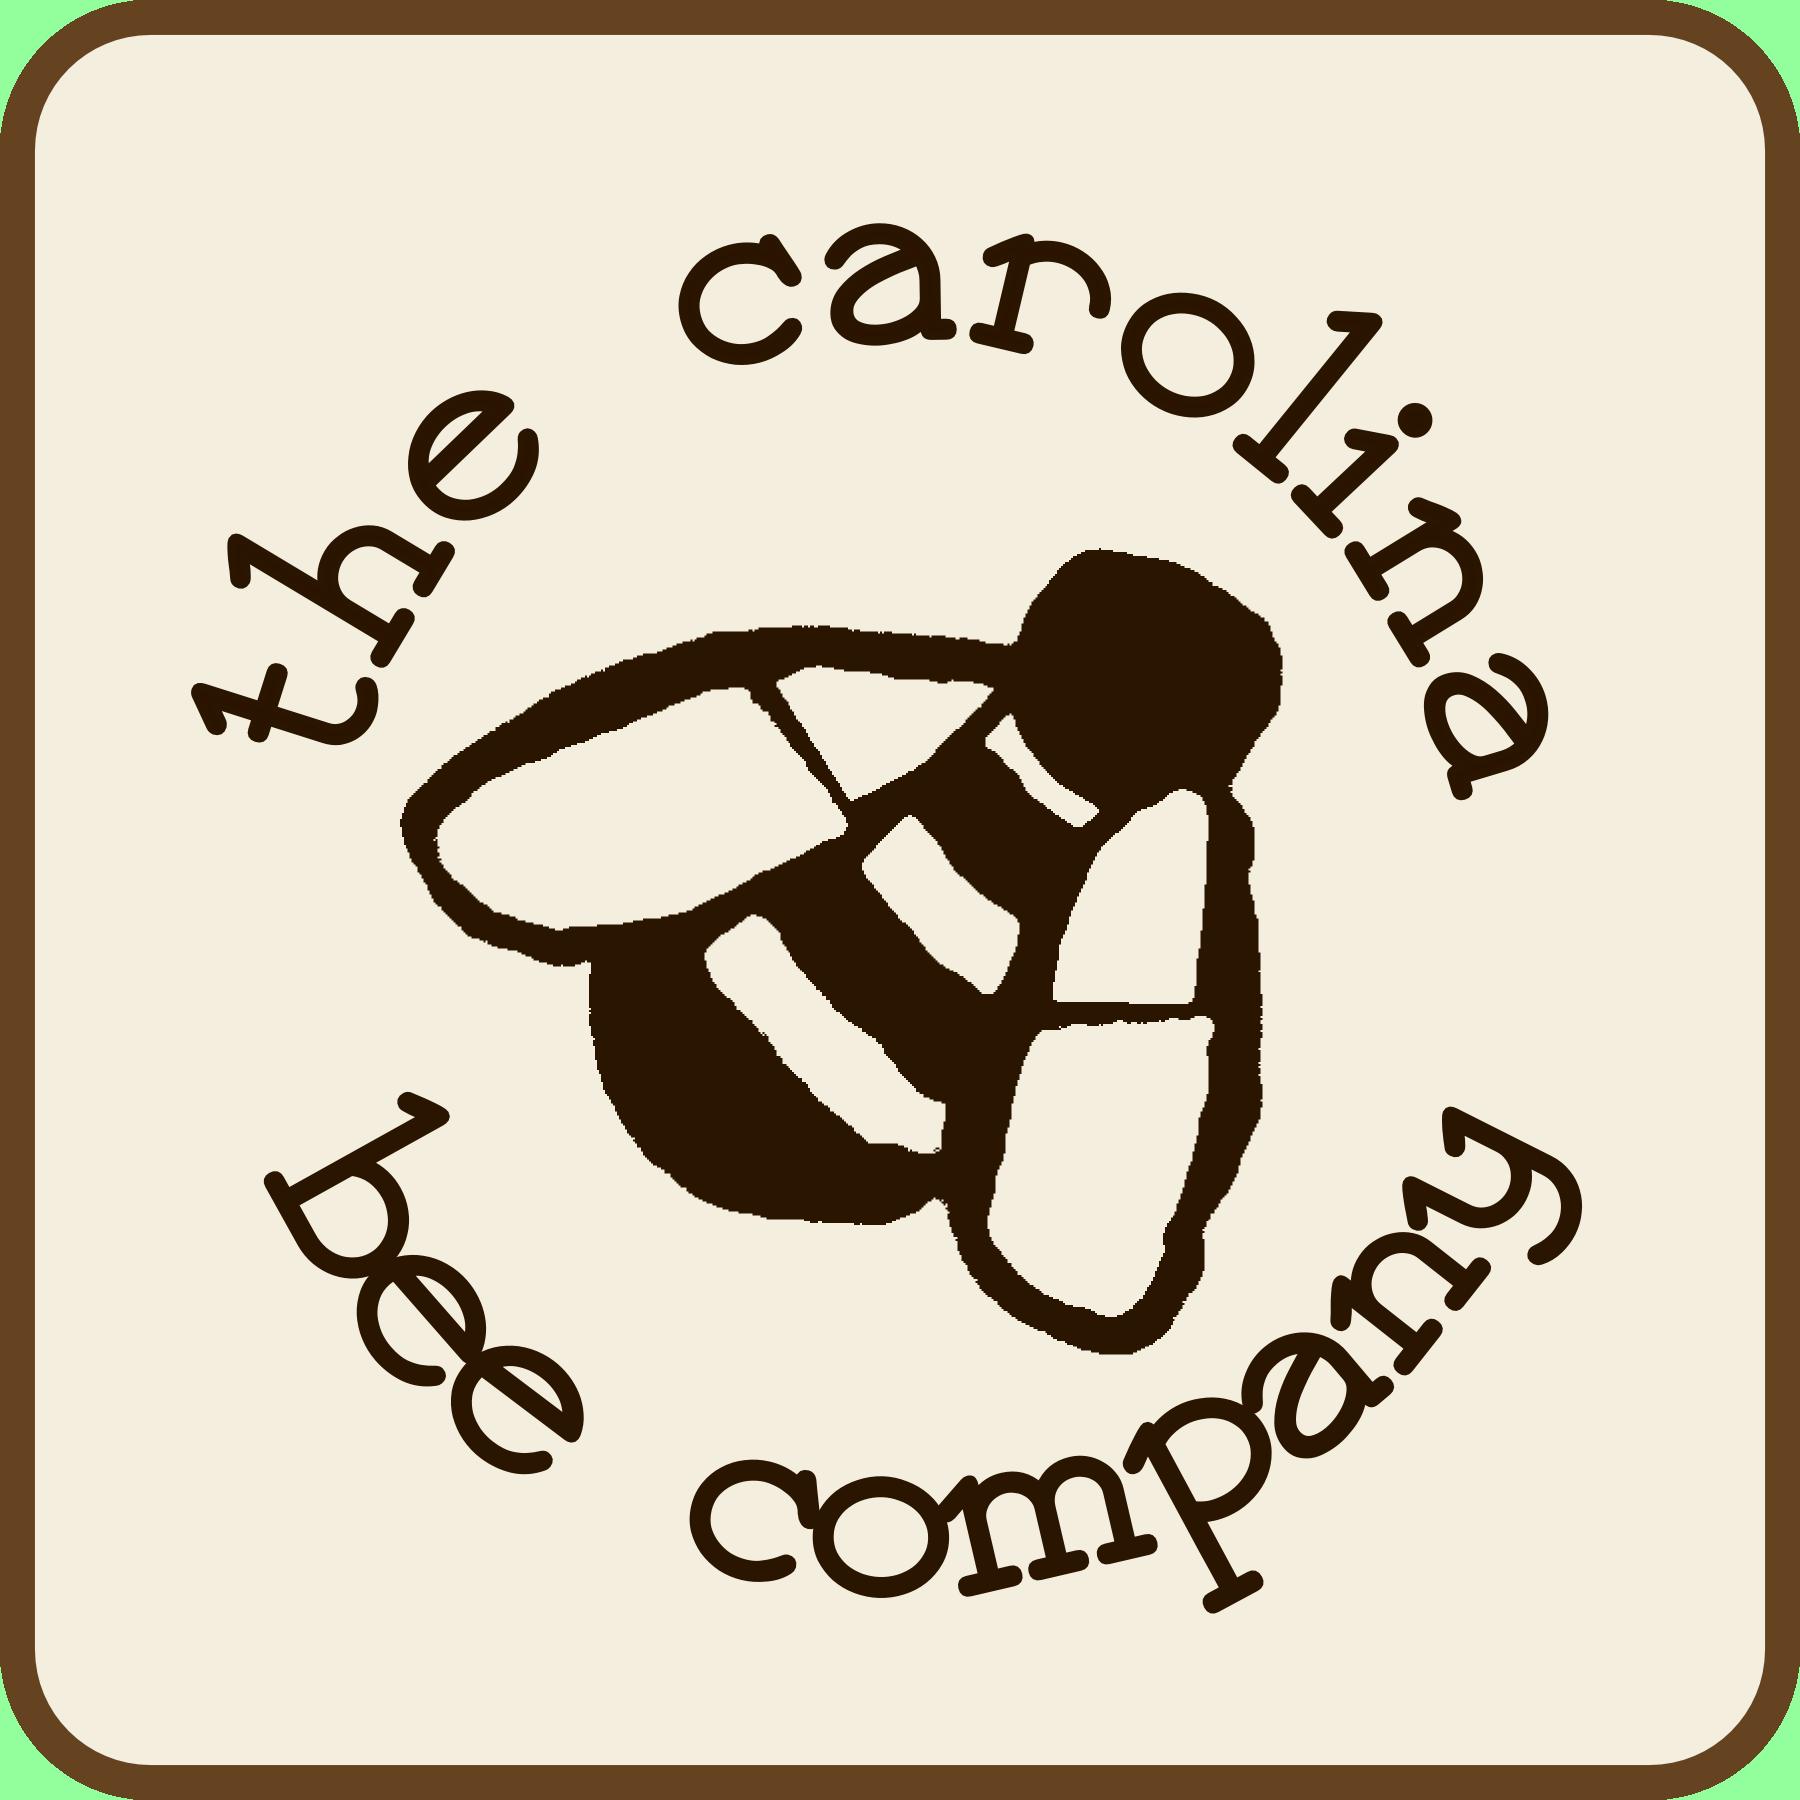 carolinabees-brand.framed.png